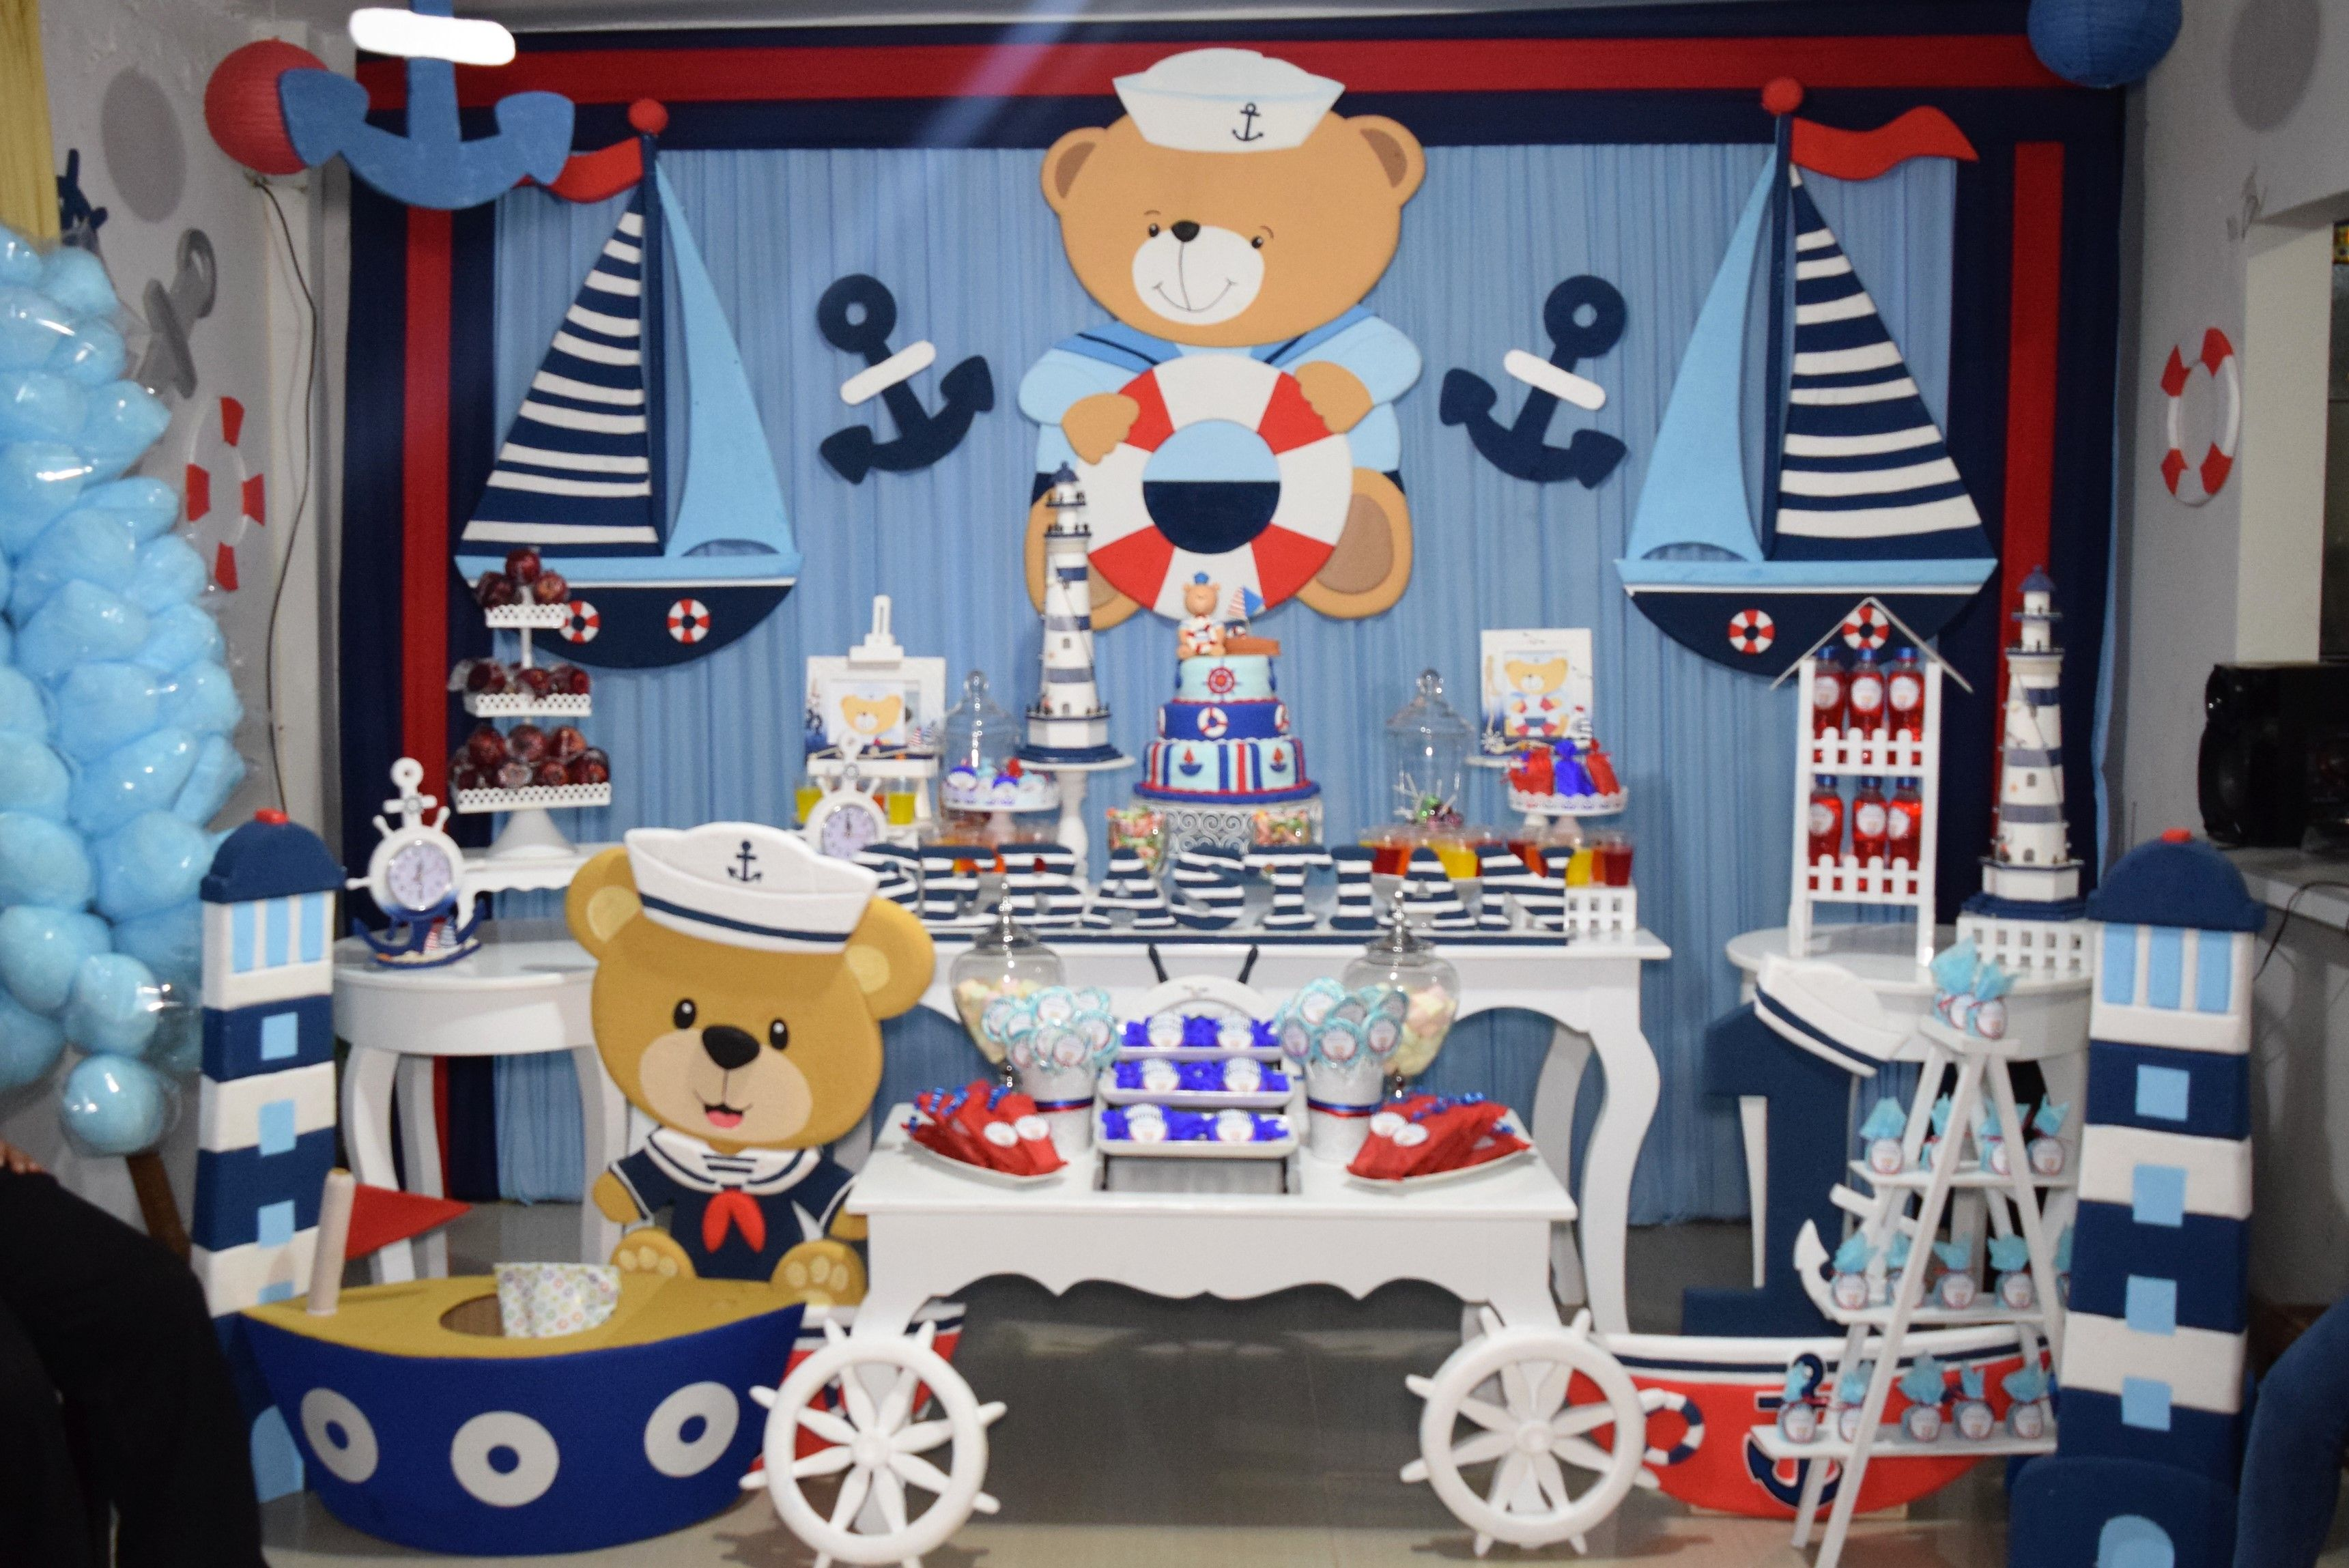 Decoraci n de oso marinero para ni o con mesas vintages - Decoracion cumpleanos para ninos ...